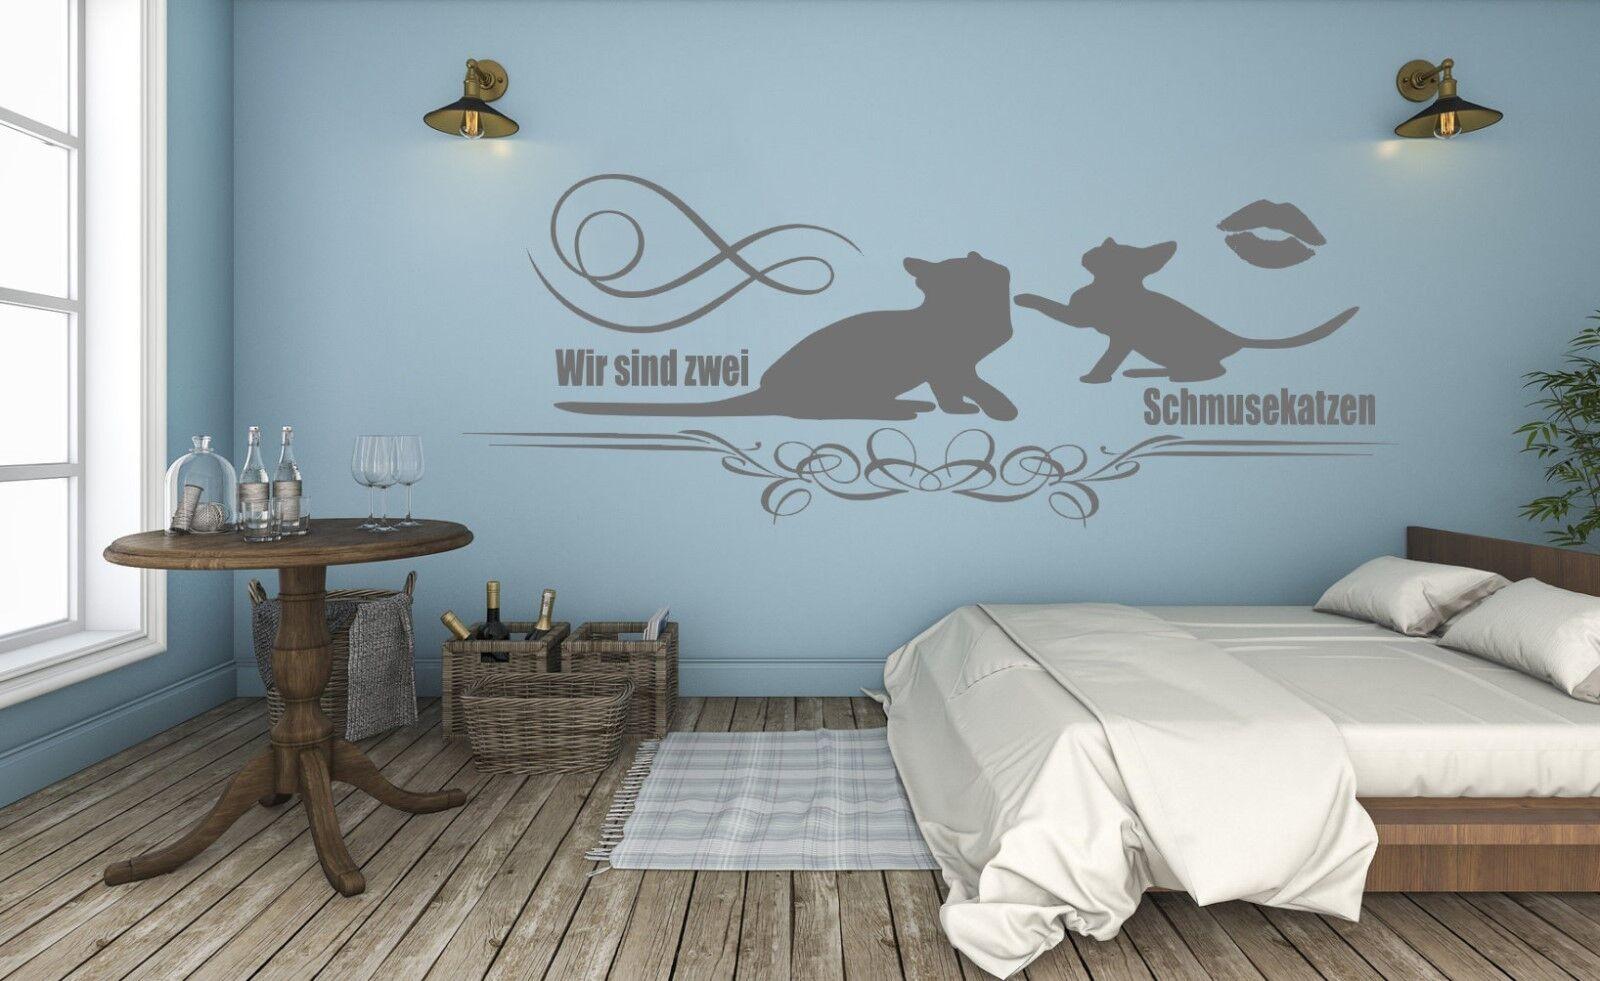 wandtattoo schlafzimmer wir sind zwei schmusekatzen mit katzen liebe paare pk125 eur 11 90. Black Bedroom Furniture Sets. Home Design Ideas